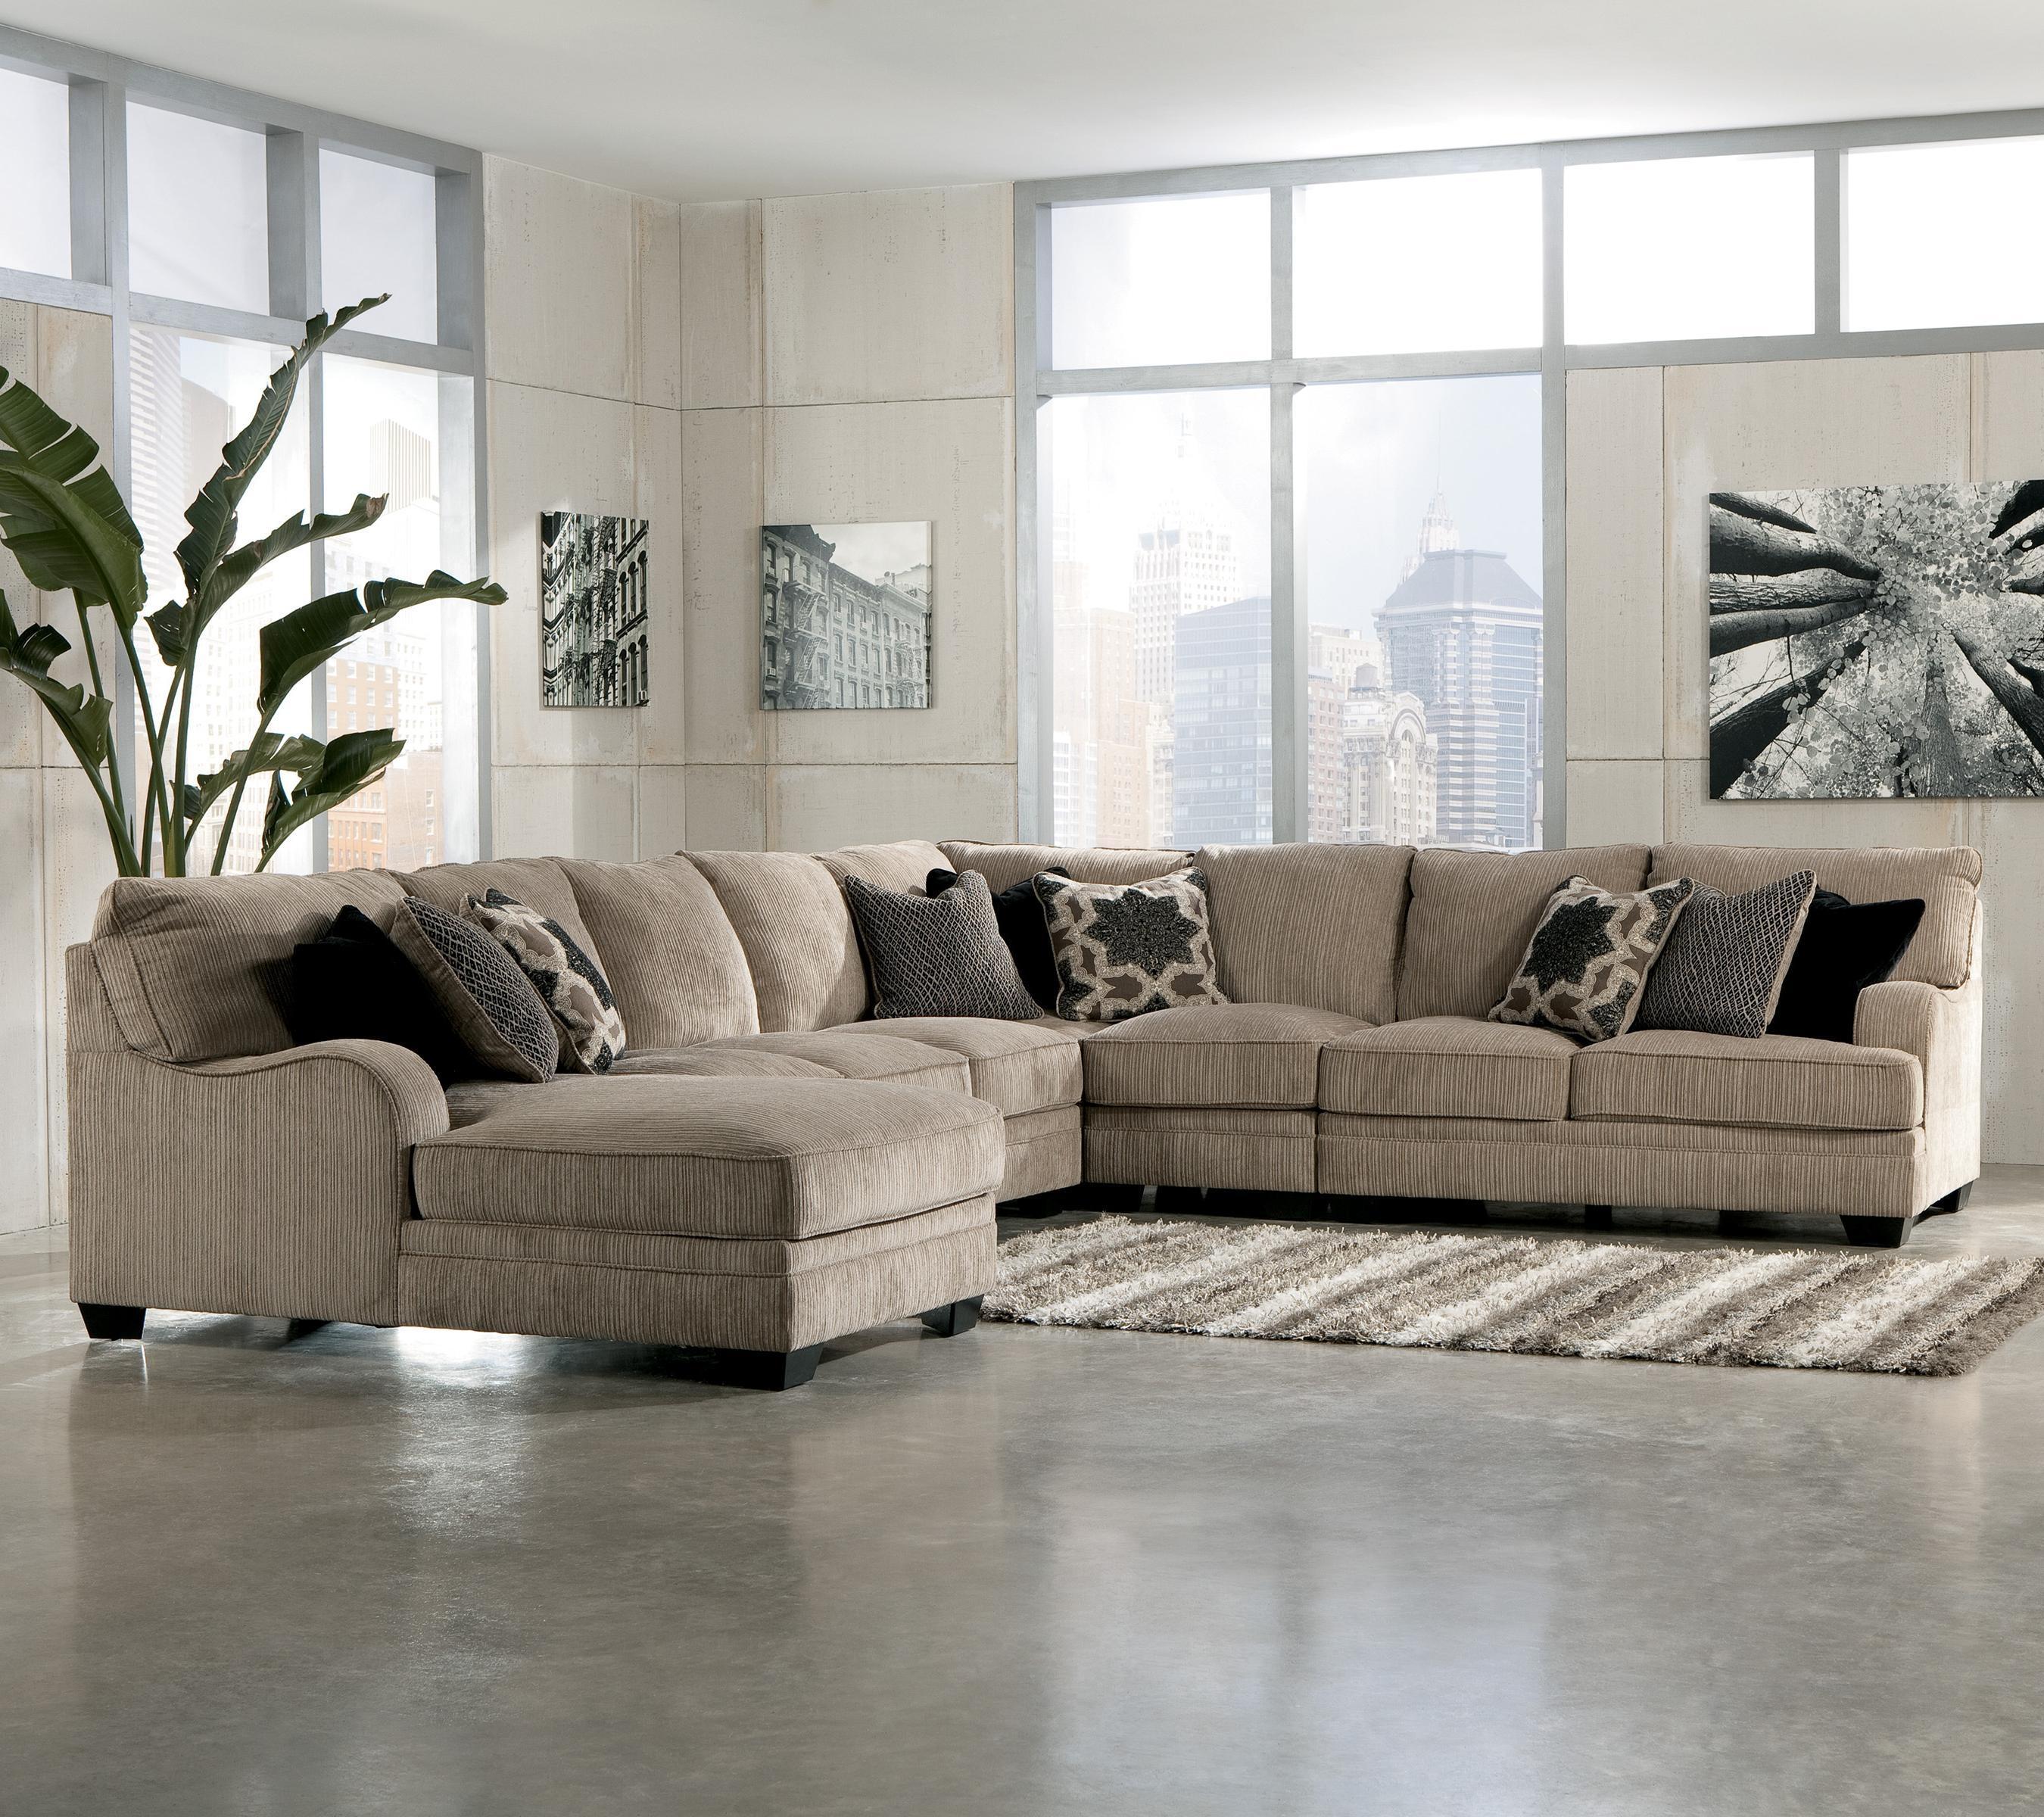 Signature Designashley Katisha – Platinum 5 Piece Sectional With Regard To Ashley Corduroy Sectional Sofas (Image 13 of 20)